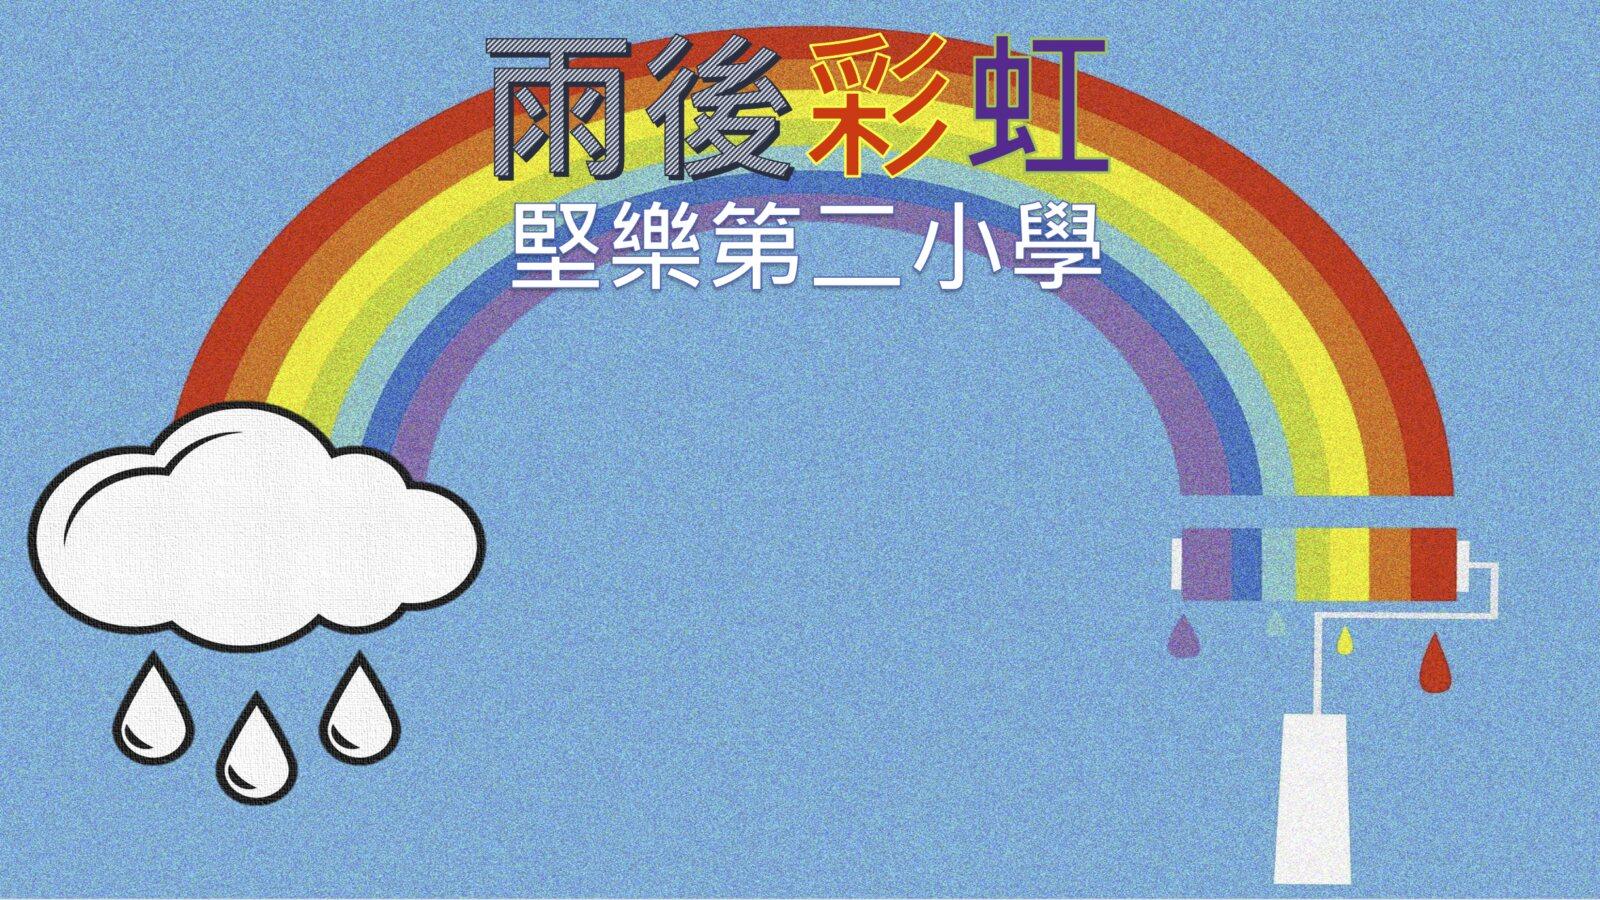 雨後彩虹🌈DSP_015667